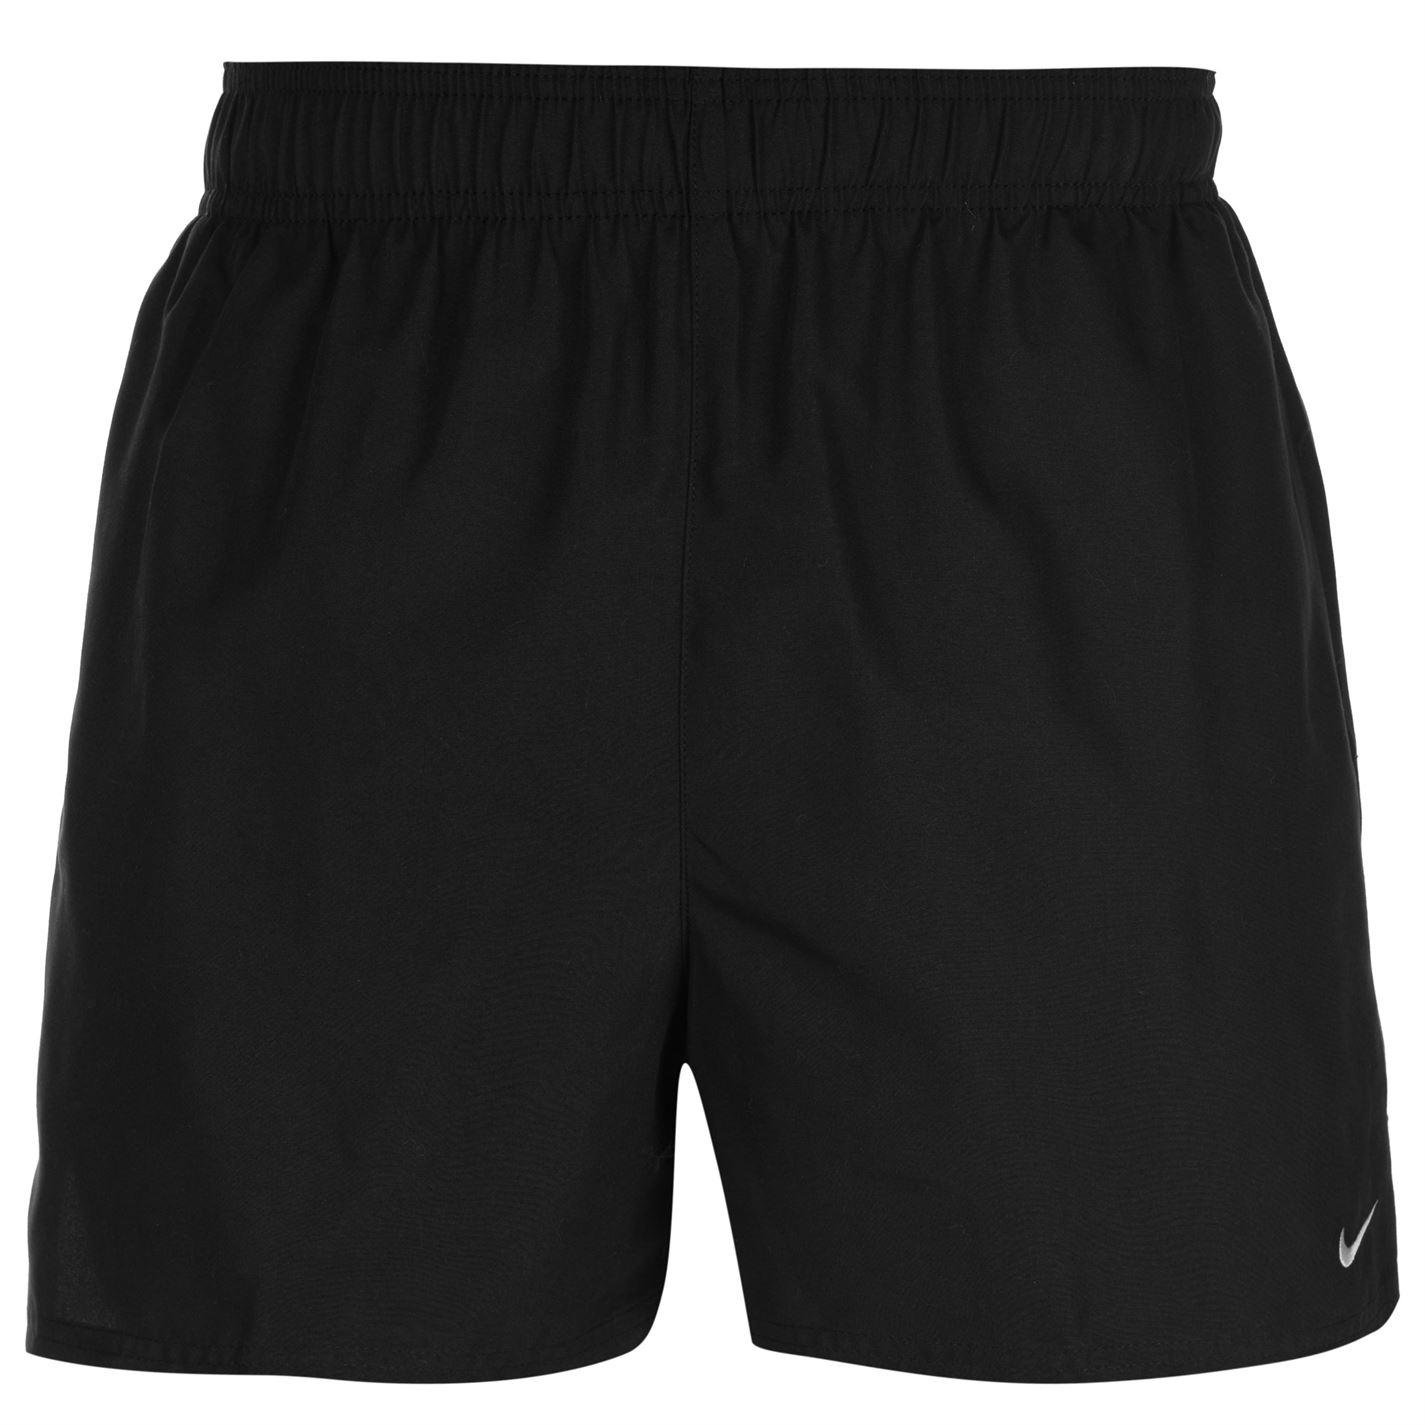 Pánske kúpacie kraťasy Nike Core